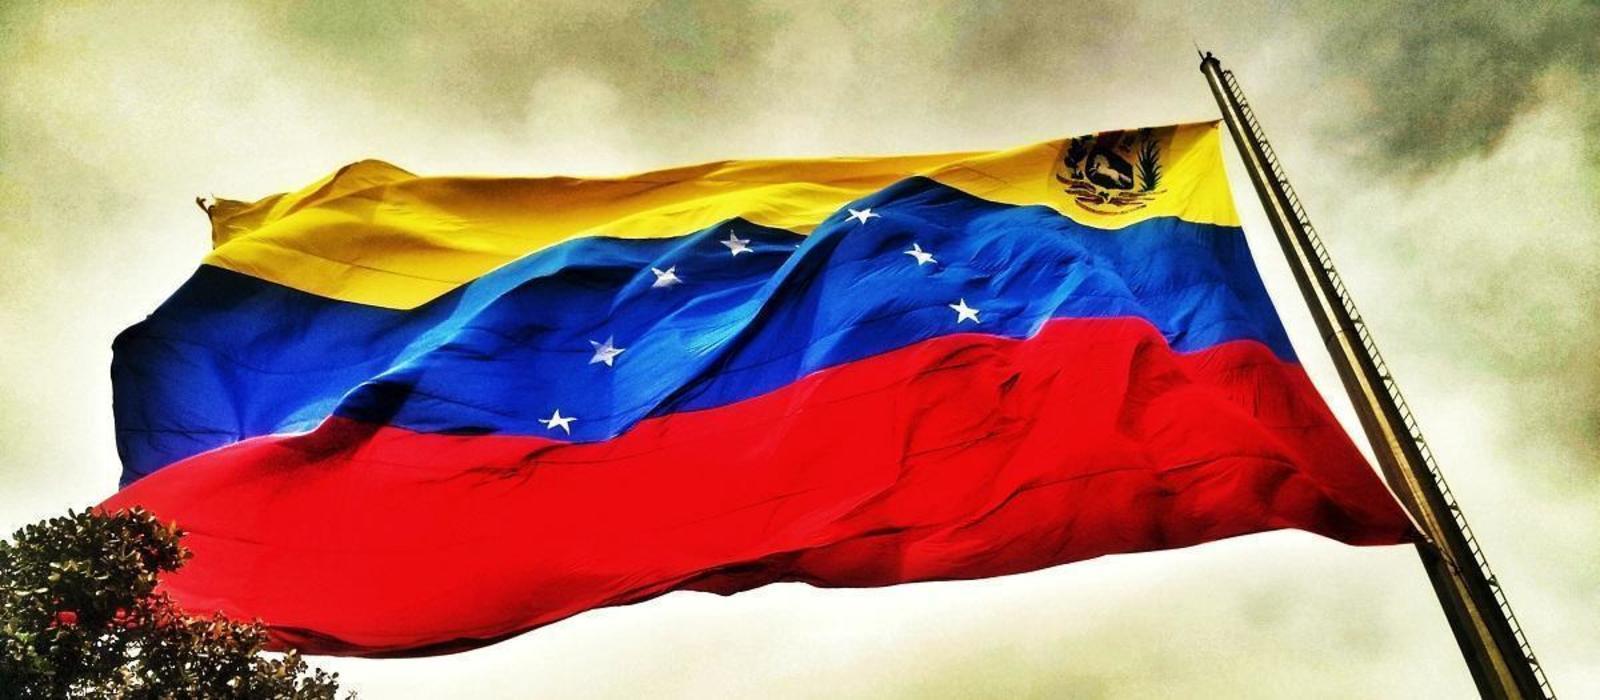 Βενεζουέλα: Φοβούνται νέο «σαμποτάζ» από τις ΗΠΑ